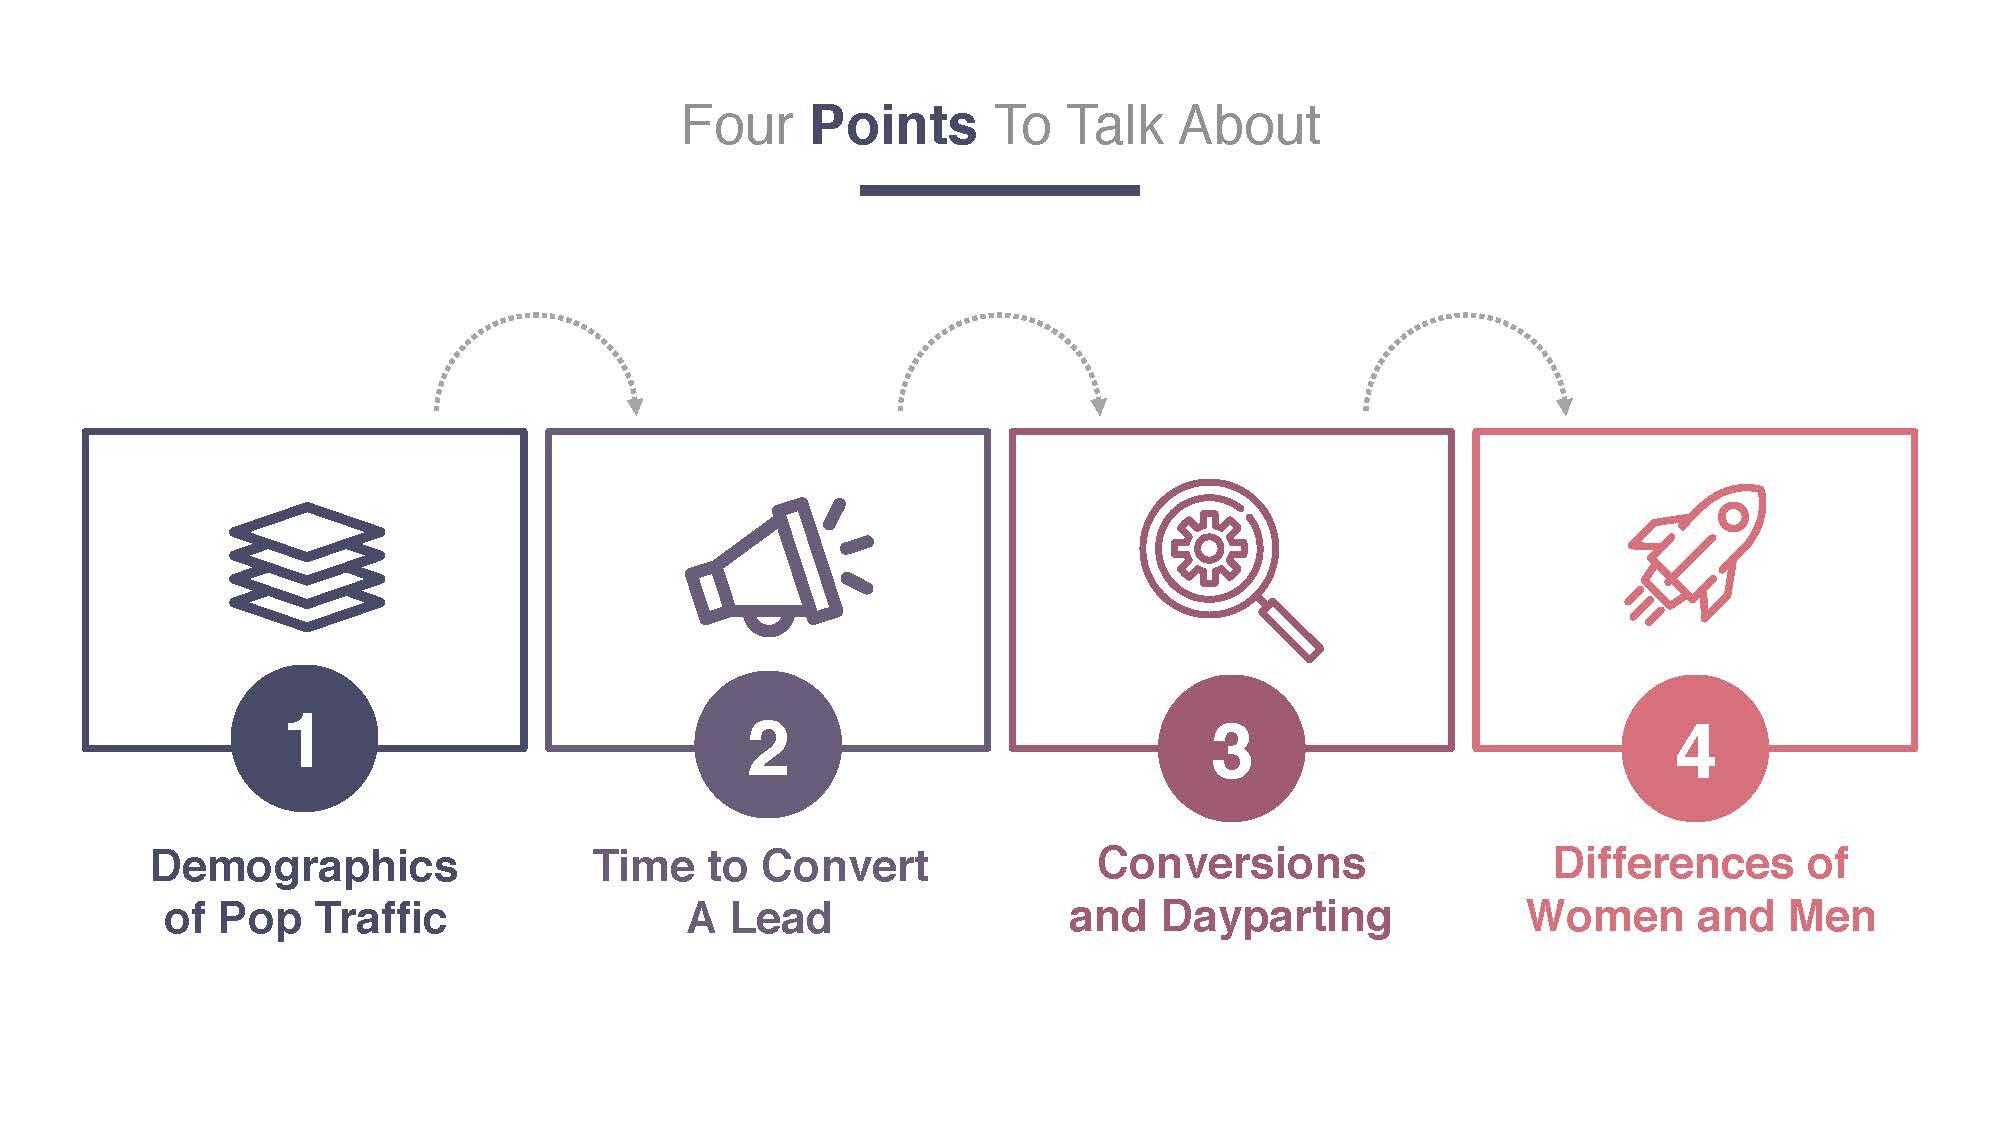 Alexander Willemsen – Four Points to Talk About